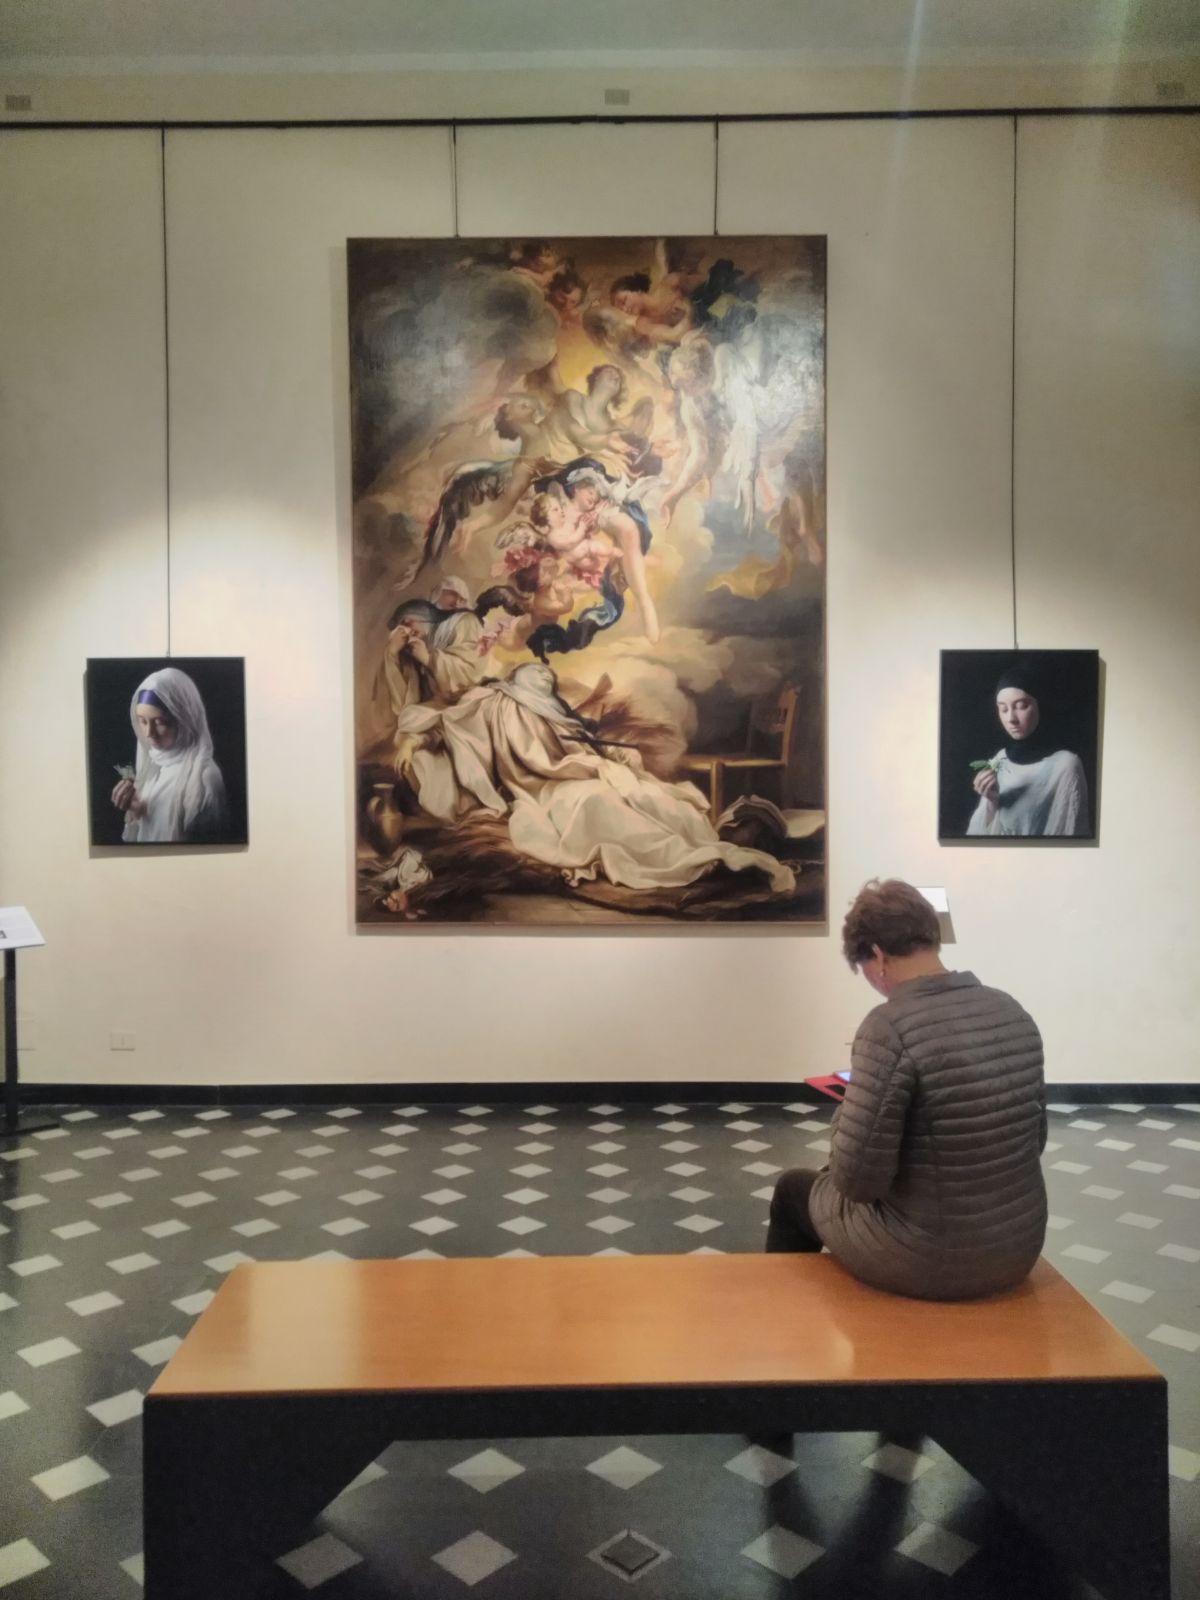 Veronica Rosazza Prin scrive della mostra Re-velation di Carla Iacono